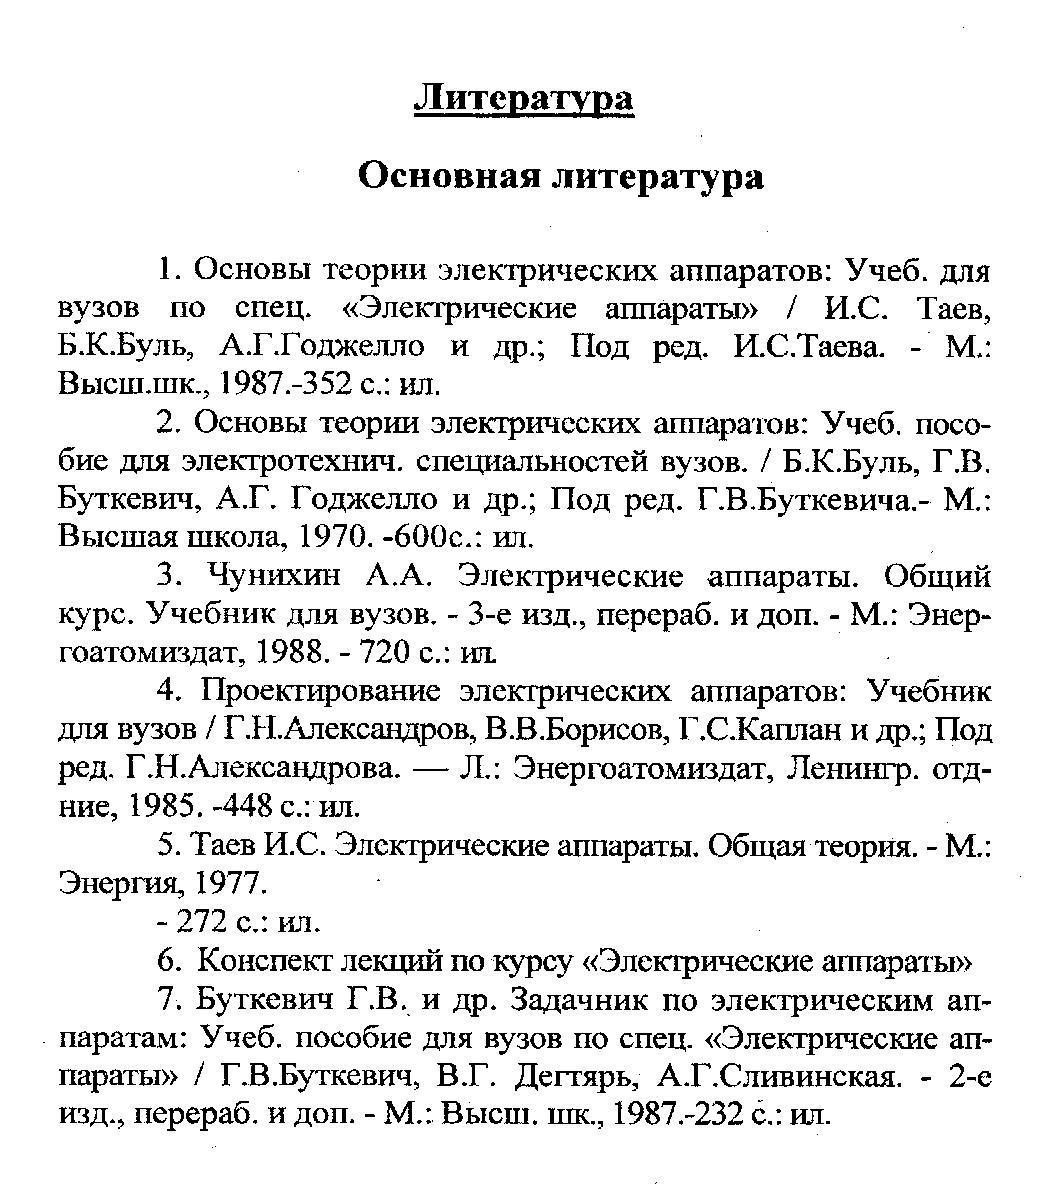 Буткевич Задачник По Электрическим Аппаратам 1987